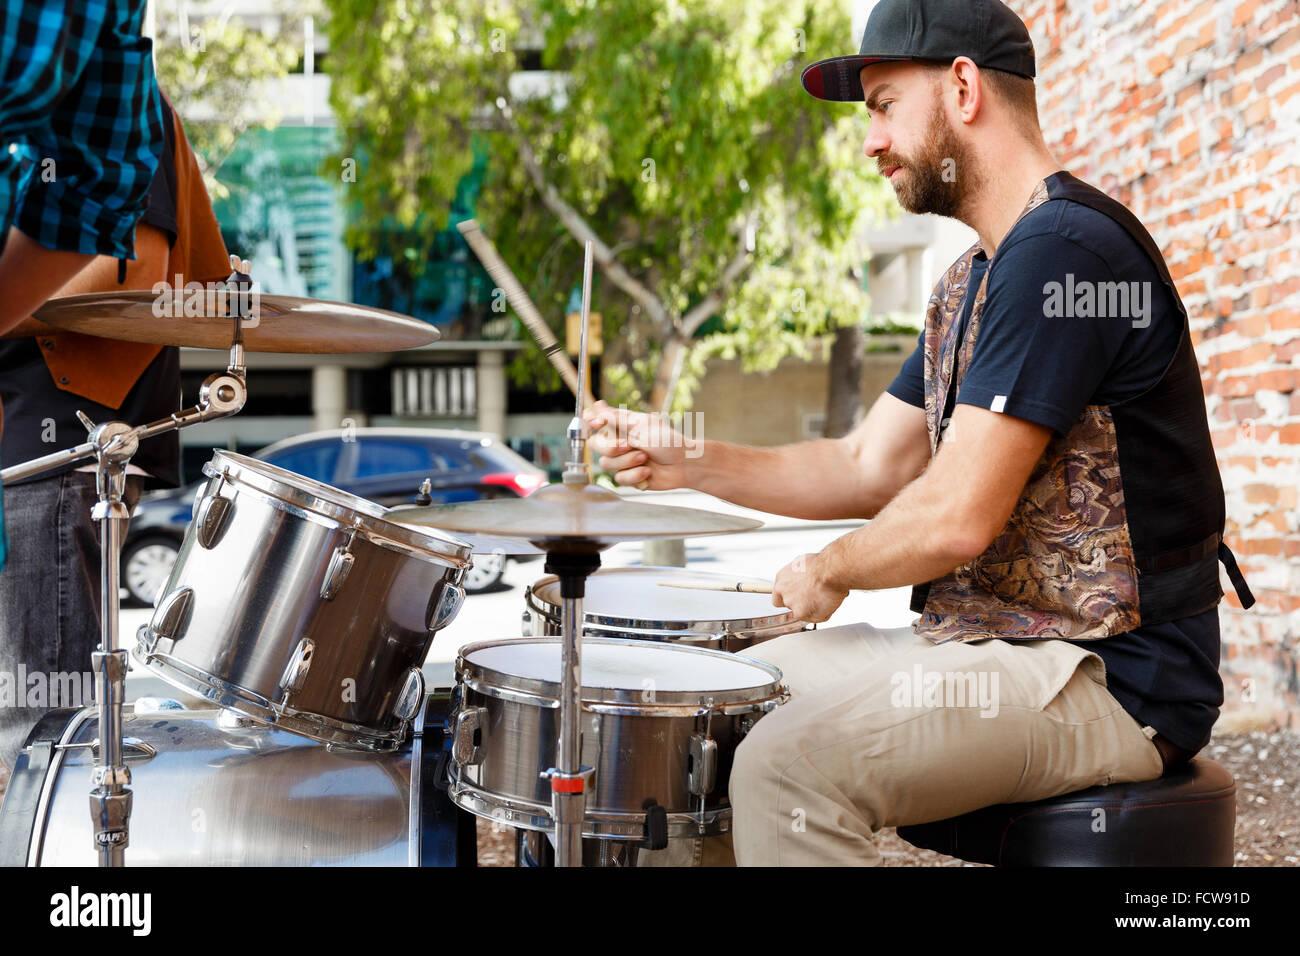 Une rue muscian à jouer de la batterie Photo Stock